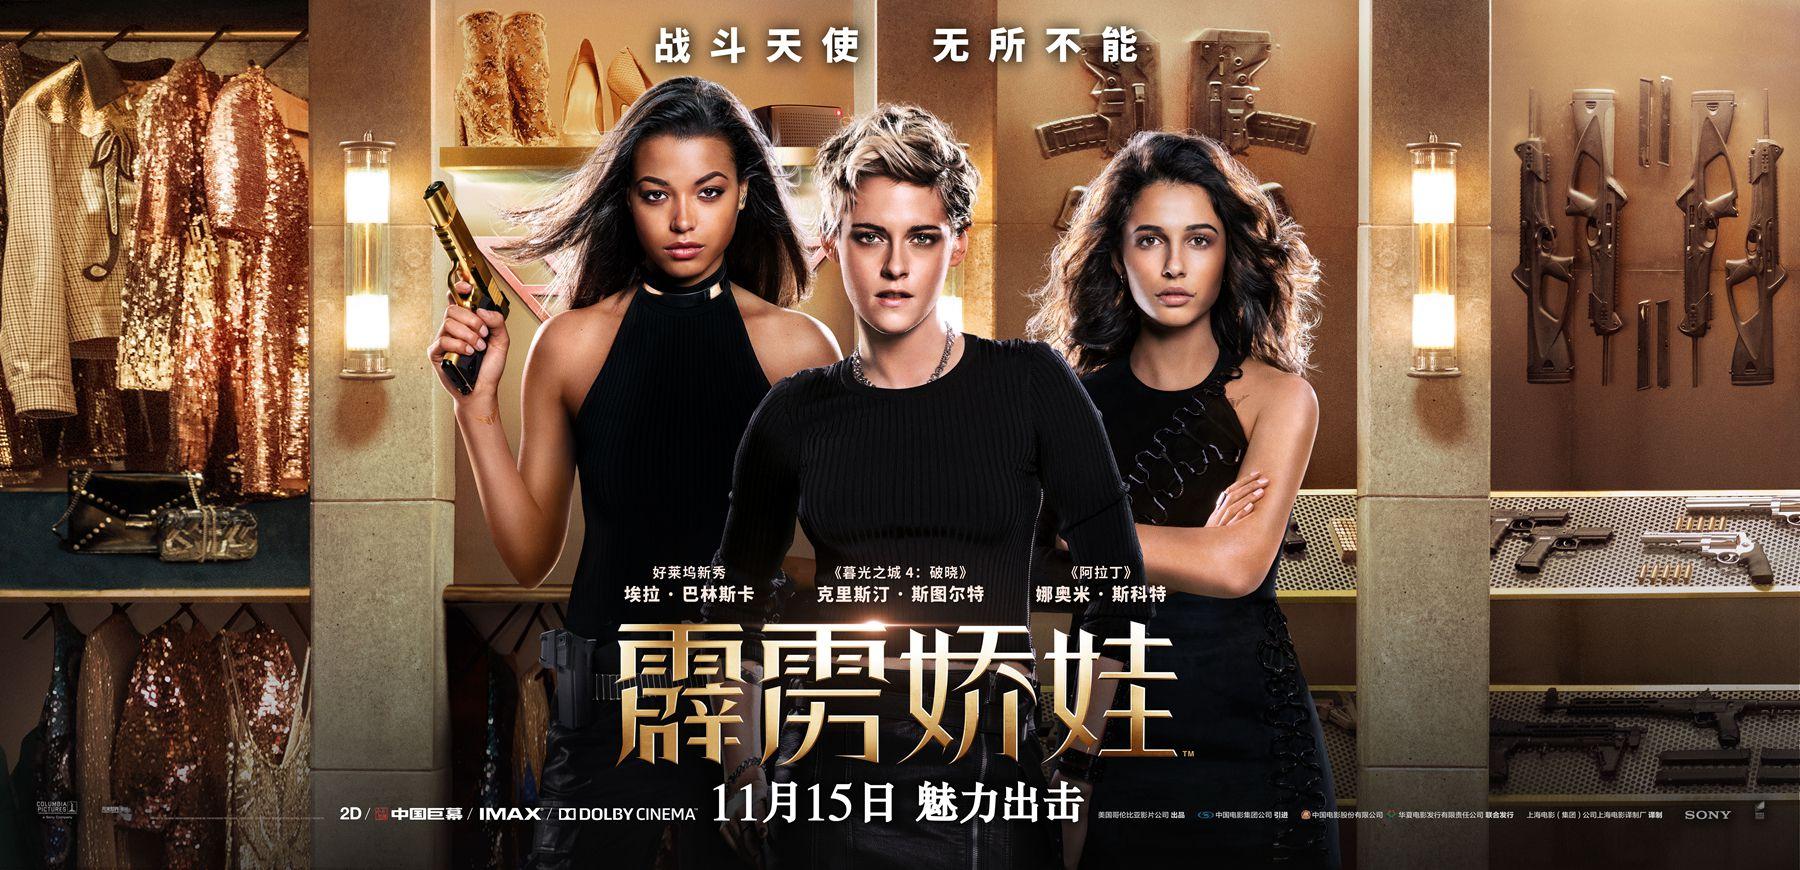 《霹雳娇娃》定档11月15日 同步北美上映